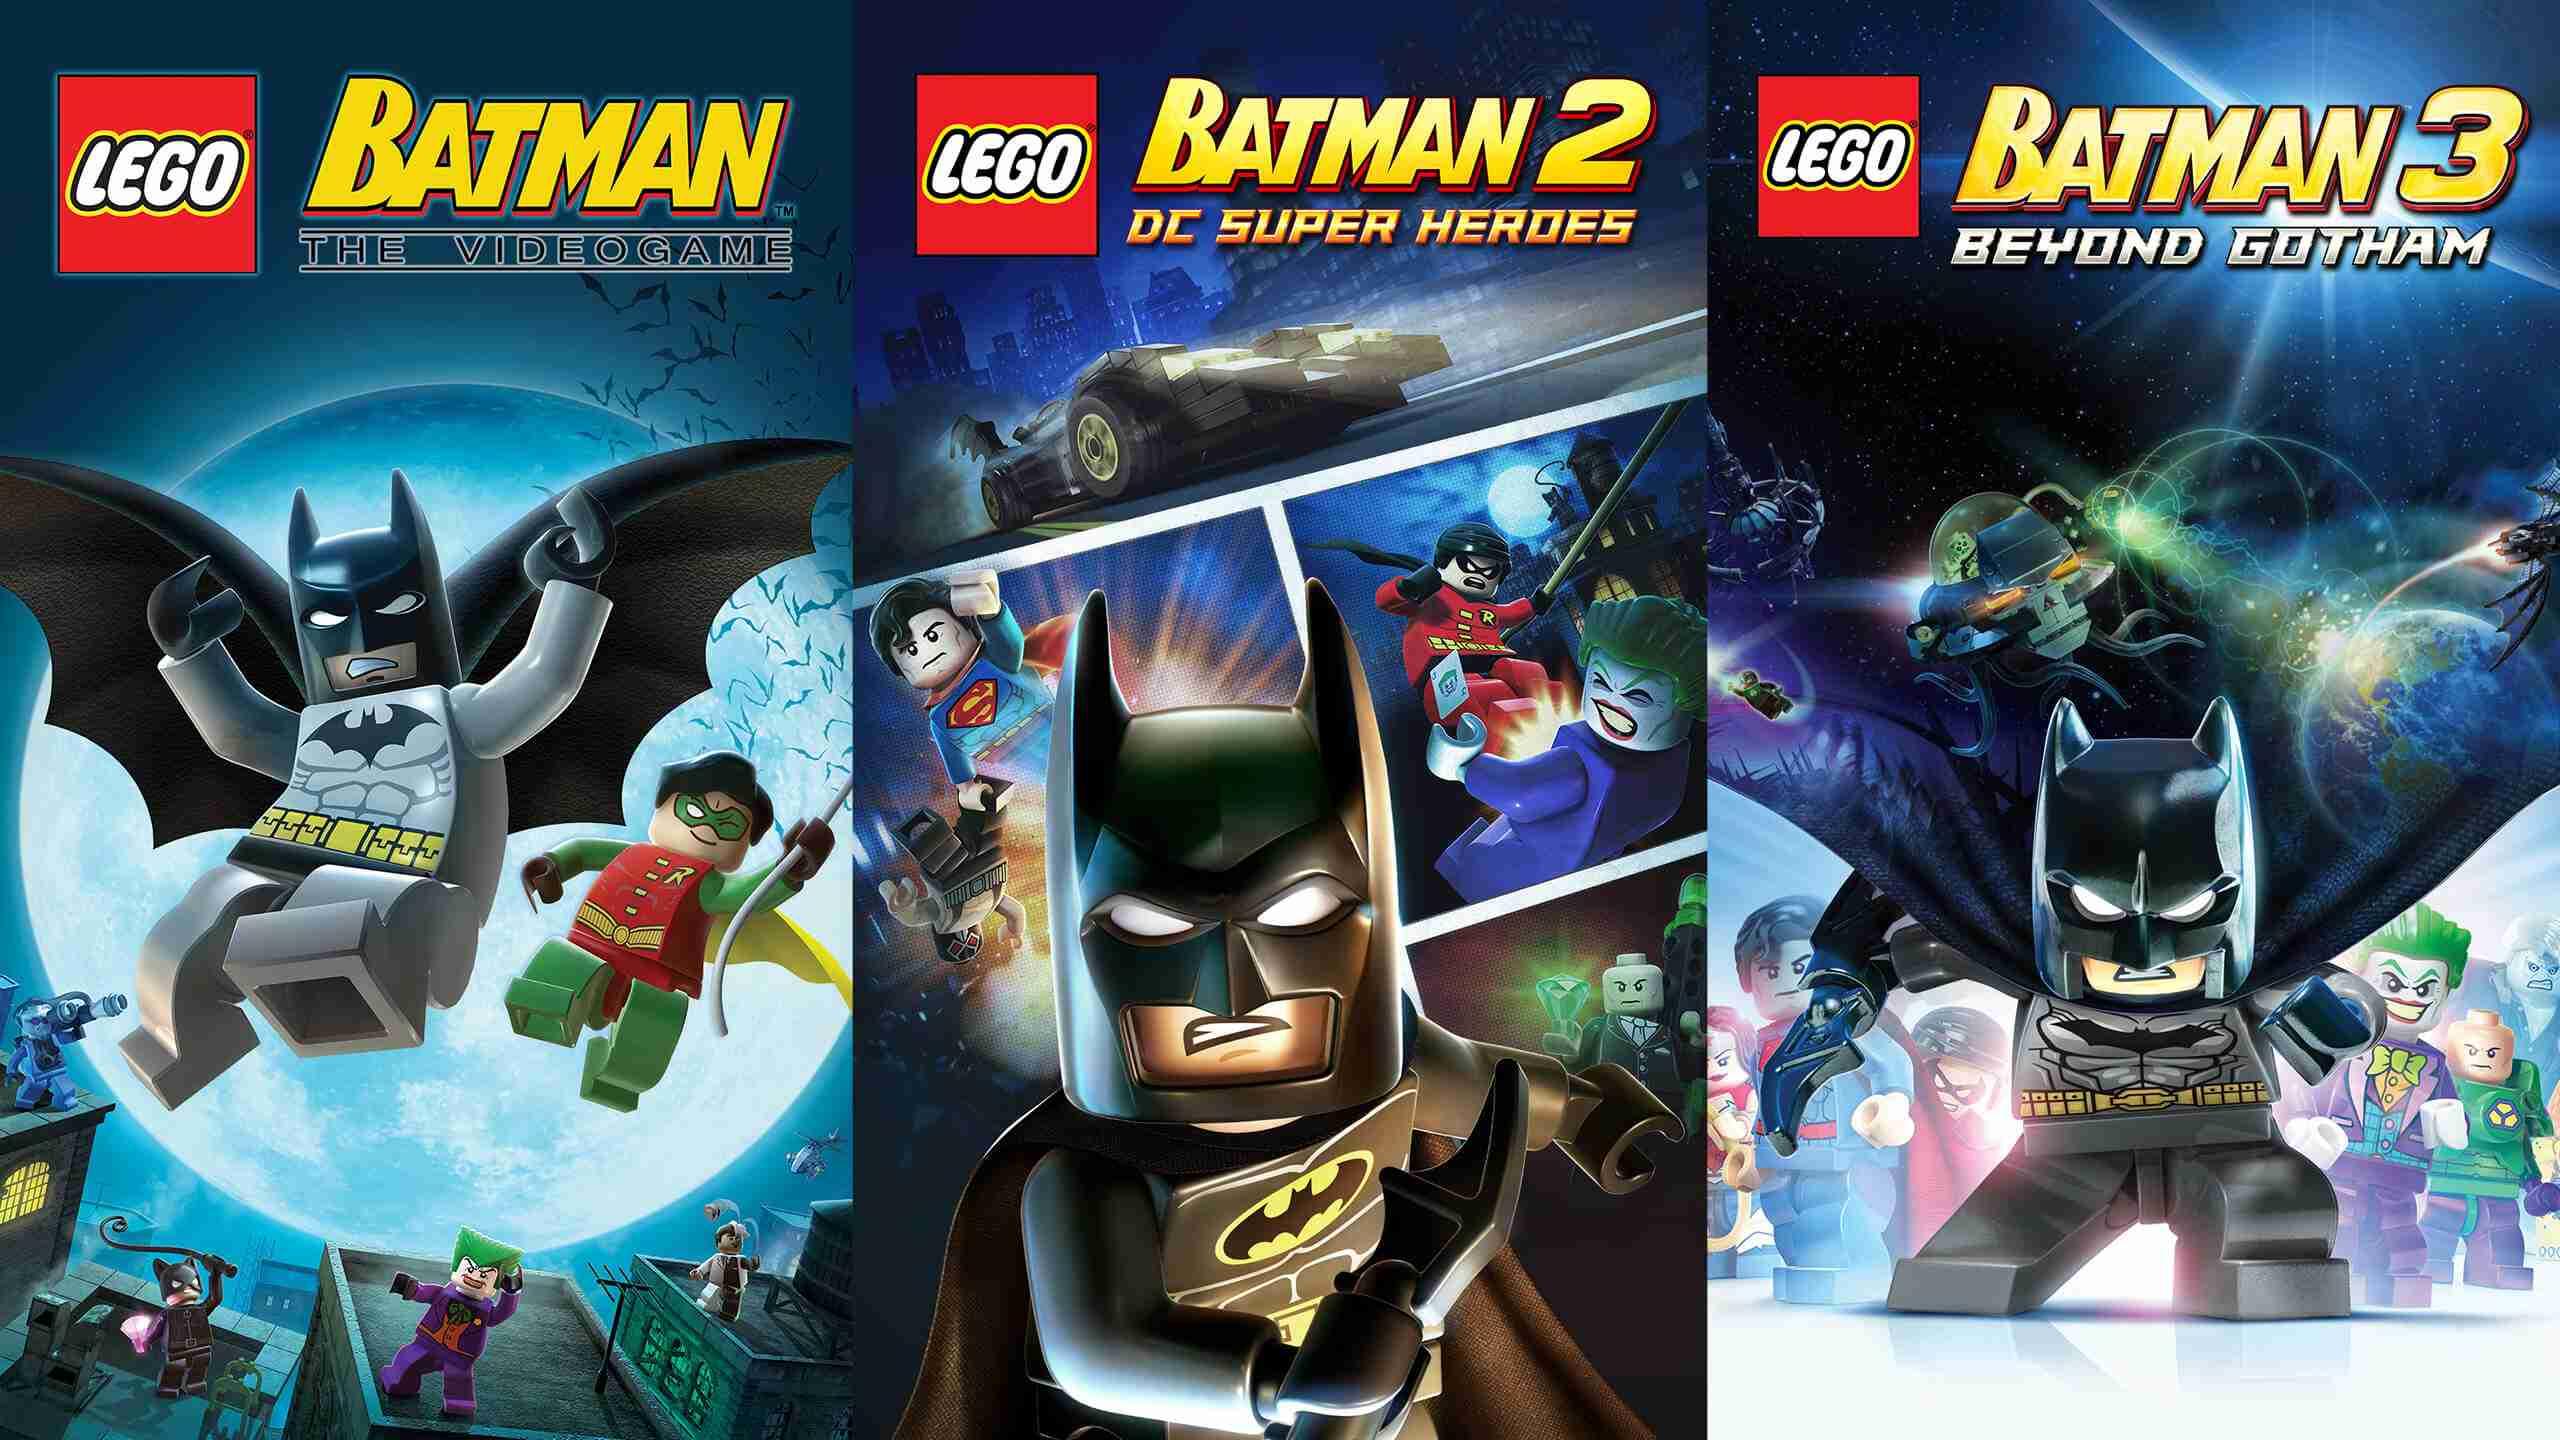 LEGO juegos batman epic games